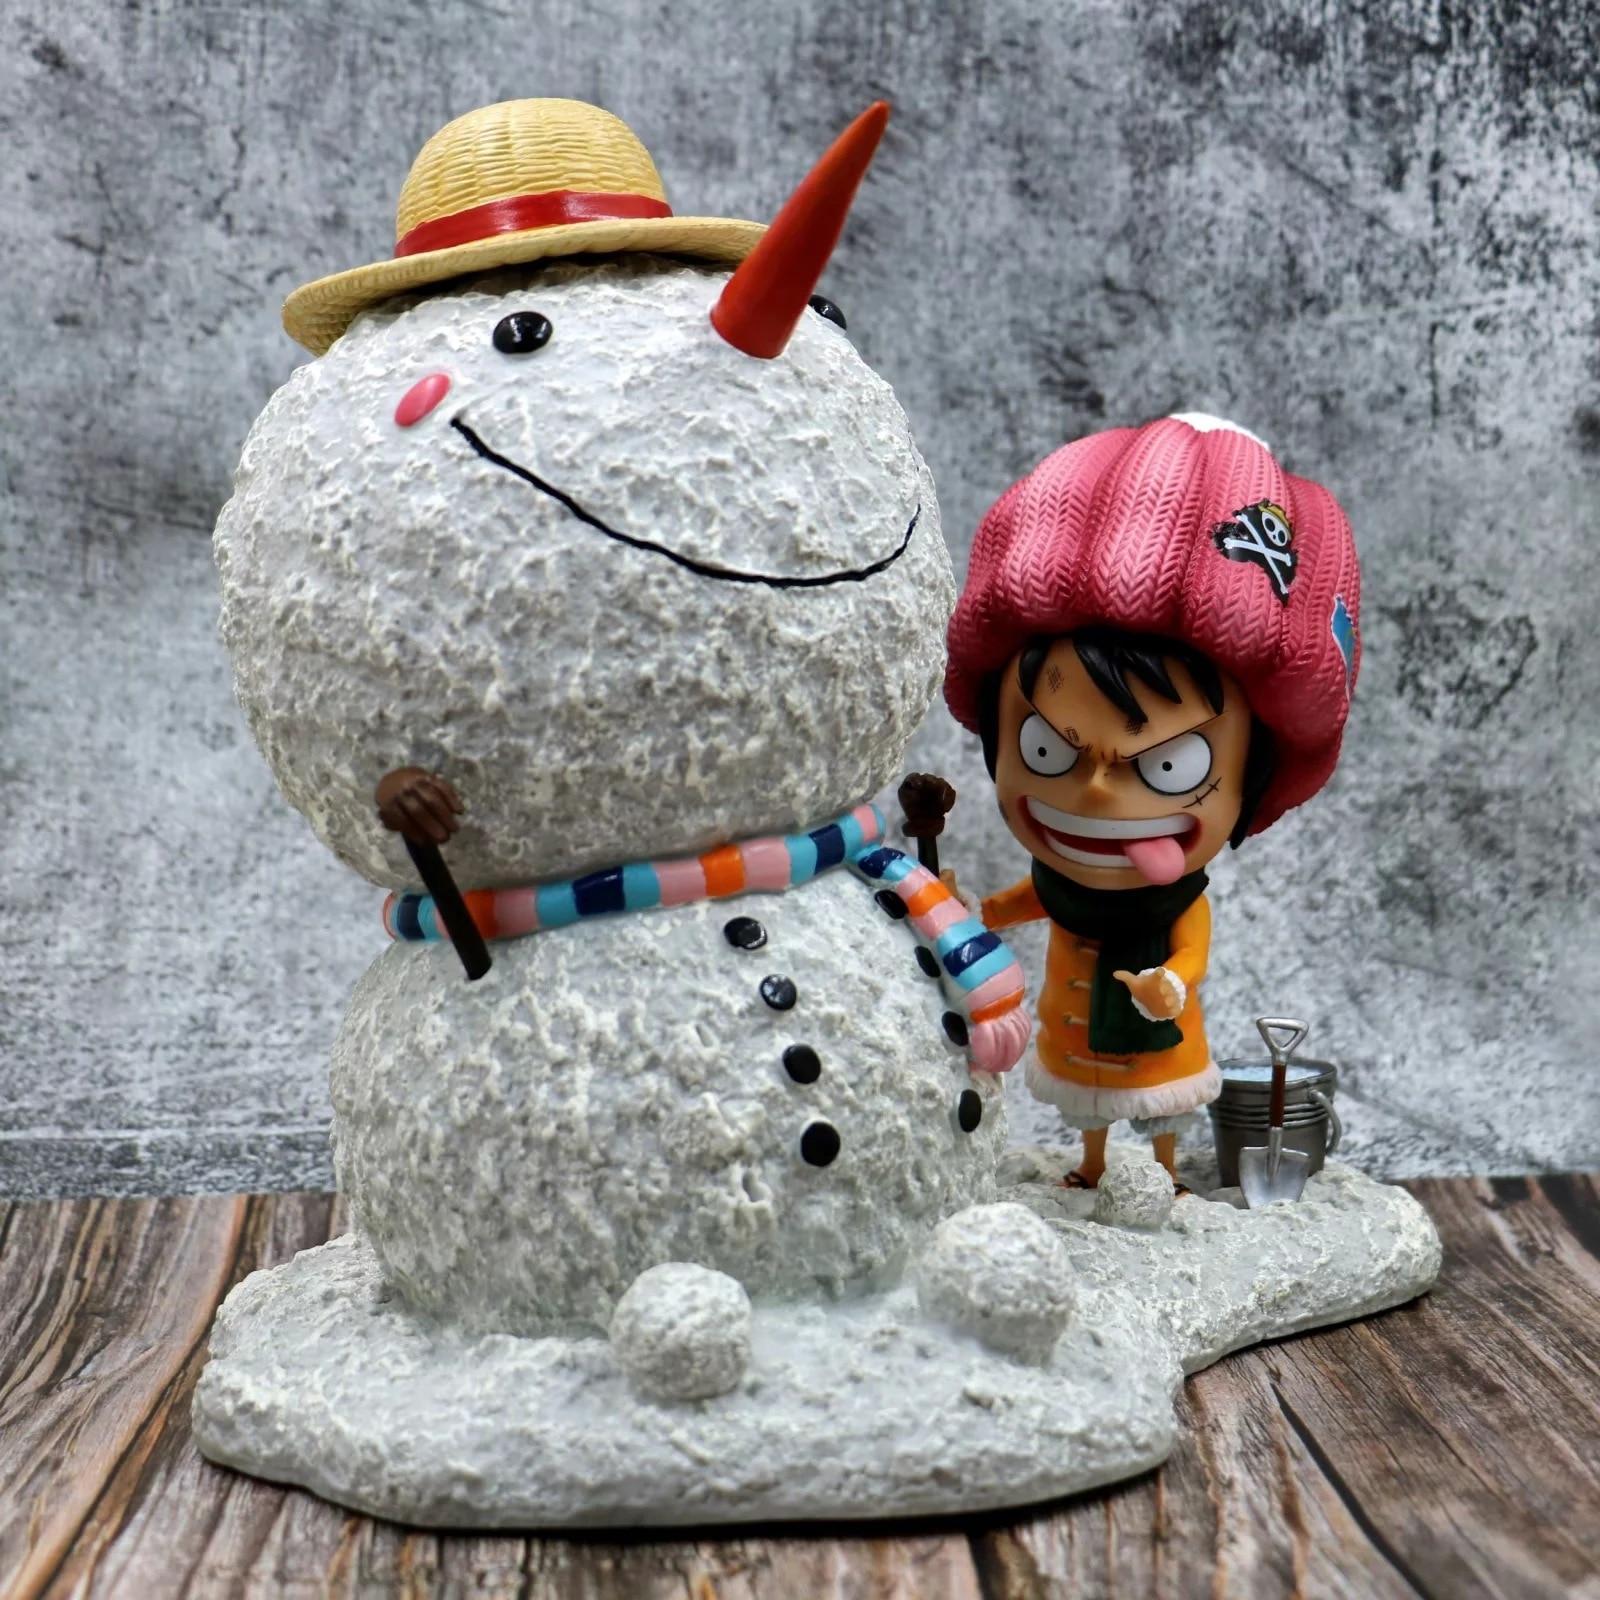 X051 4 m hight Opblaasbare sneeuwpop hoed, opblaasbare Kerst decoratie, opblaasbare sneeuwman met LED Licht - 2